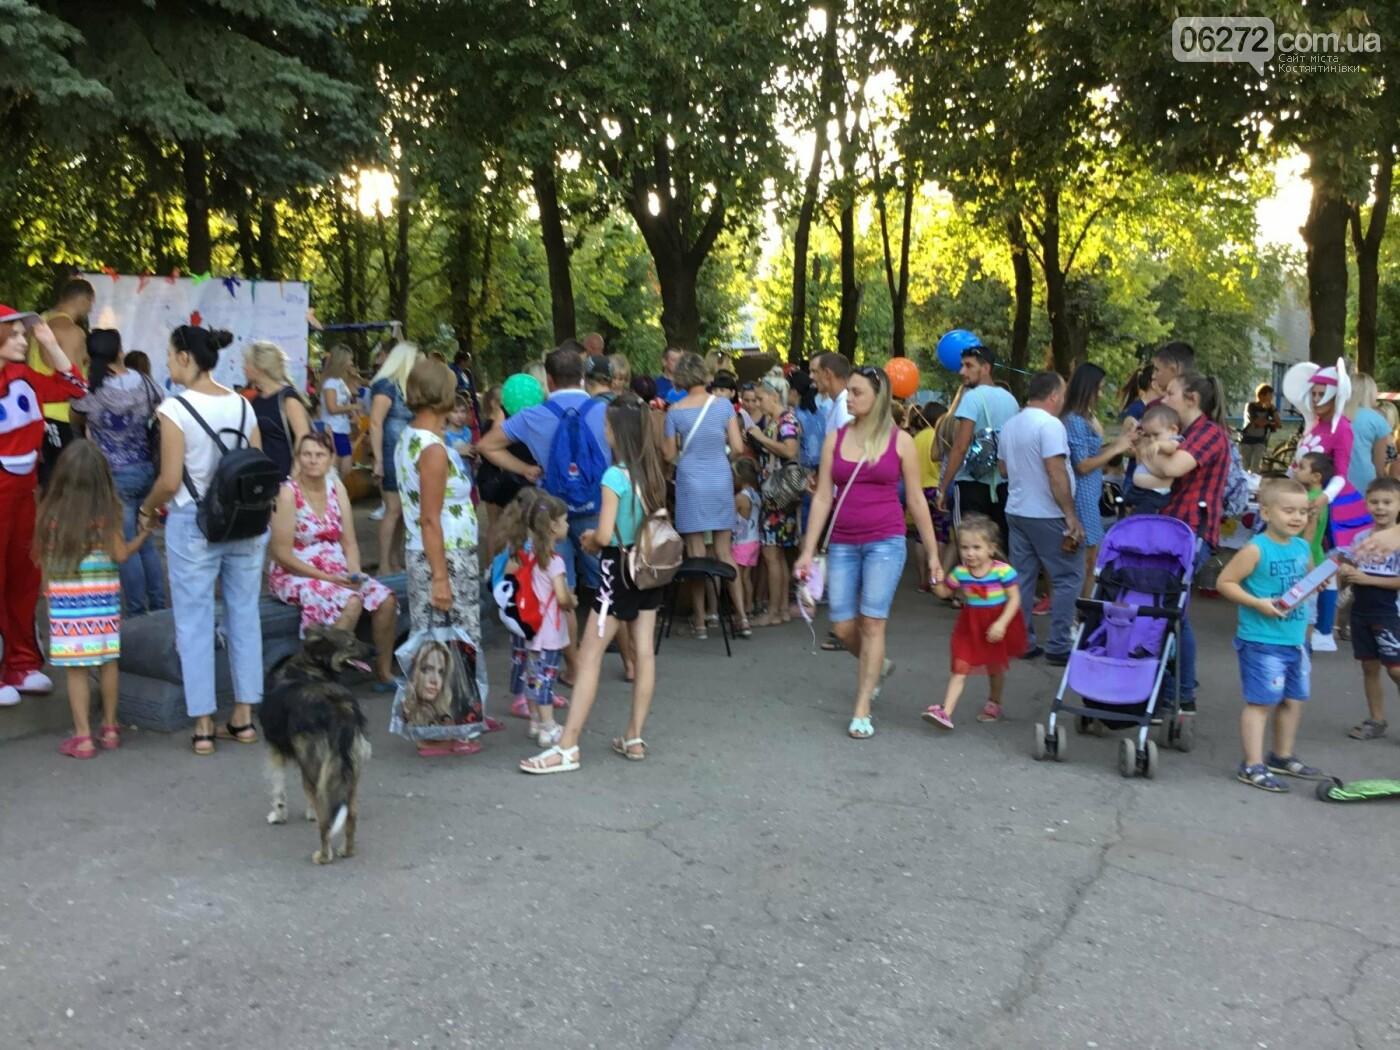 Вчера в Константиновке состоялся благотворительный праздник для детей (видео), фото-12